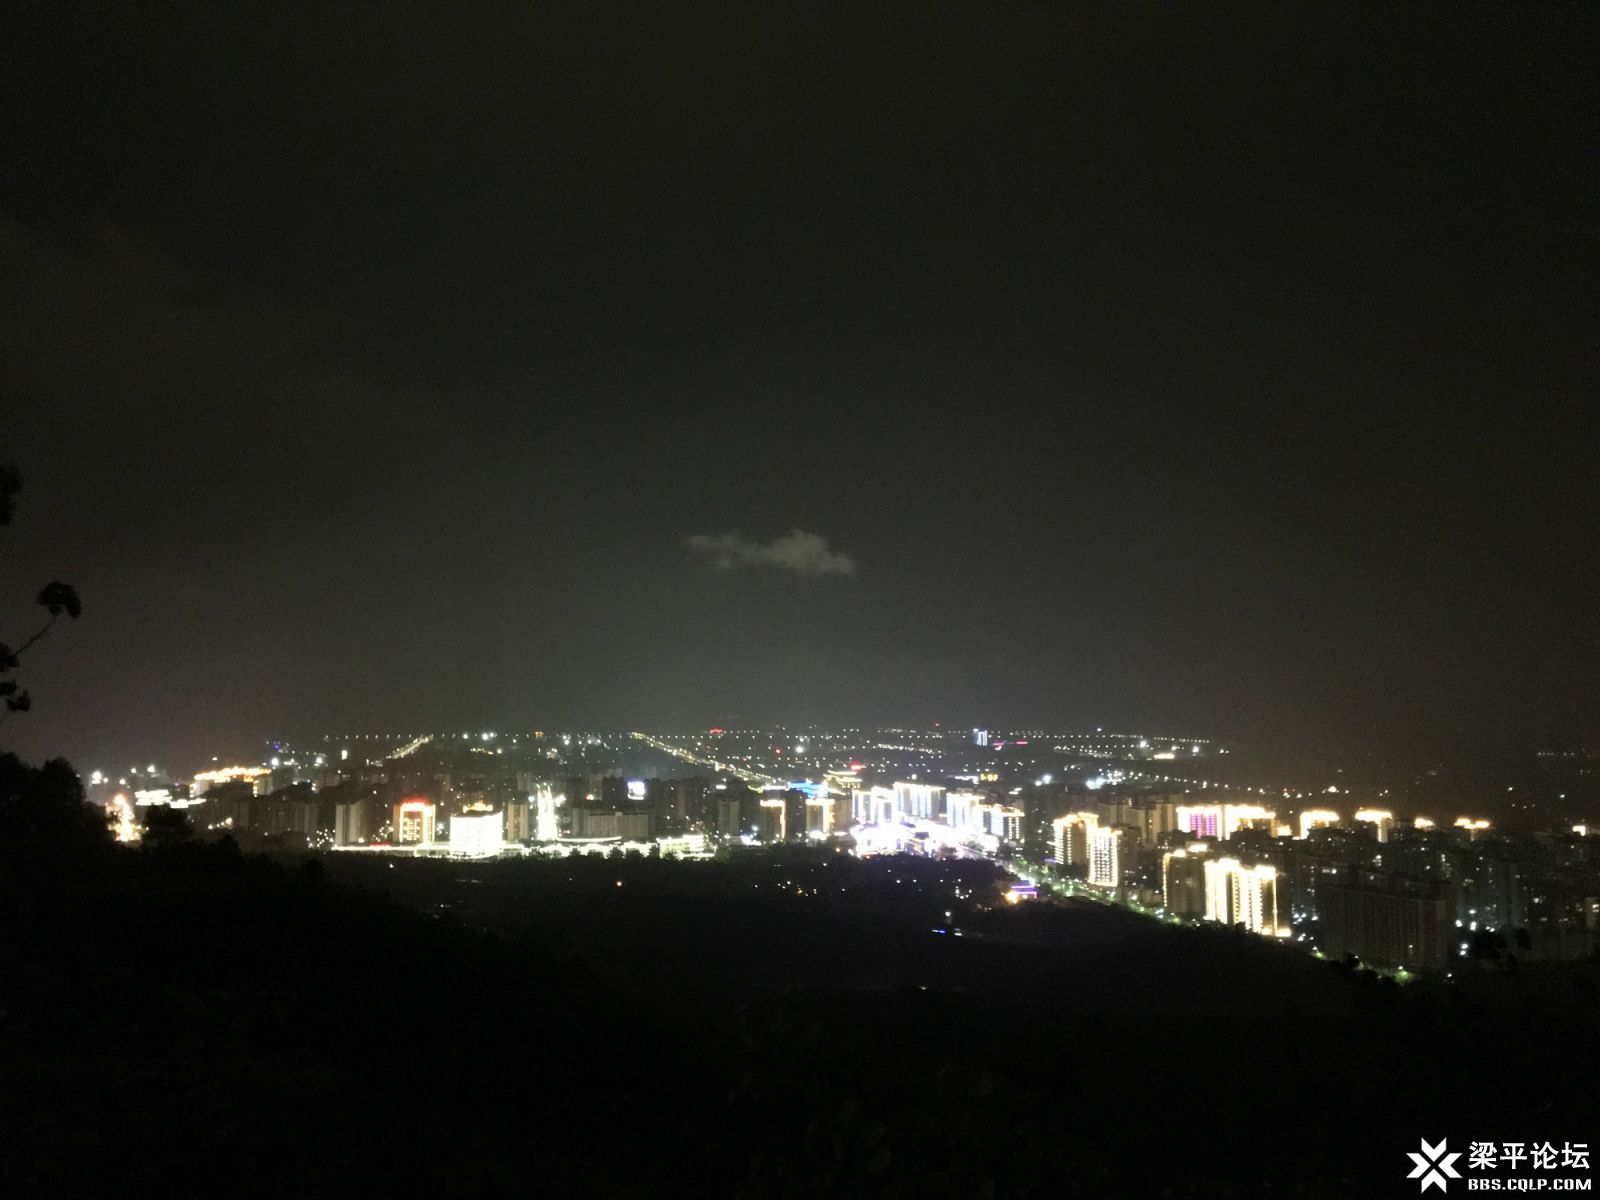 花园寨基站(点2)观梁平新城夜景1.jpg